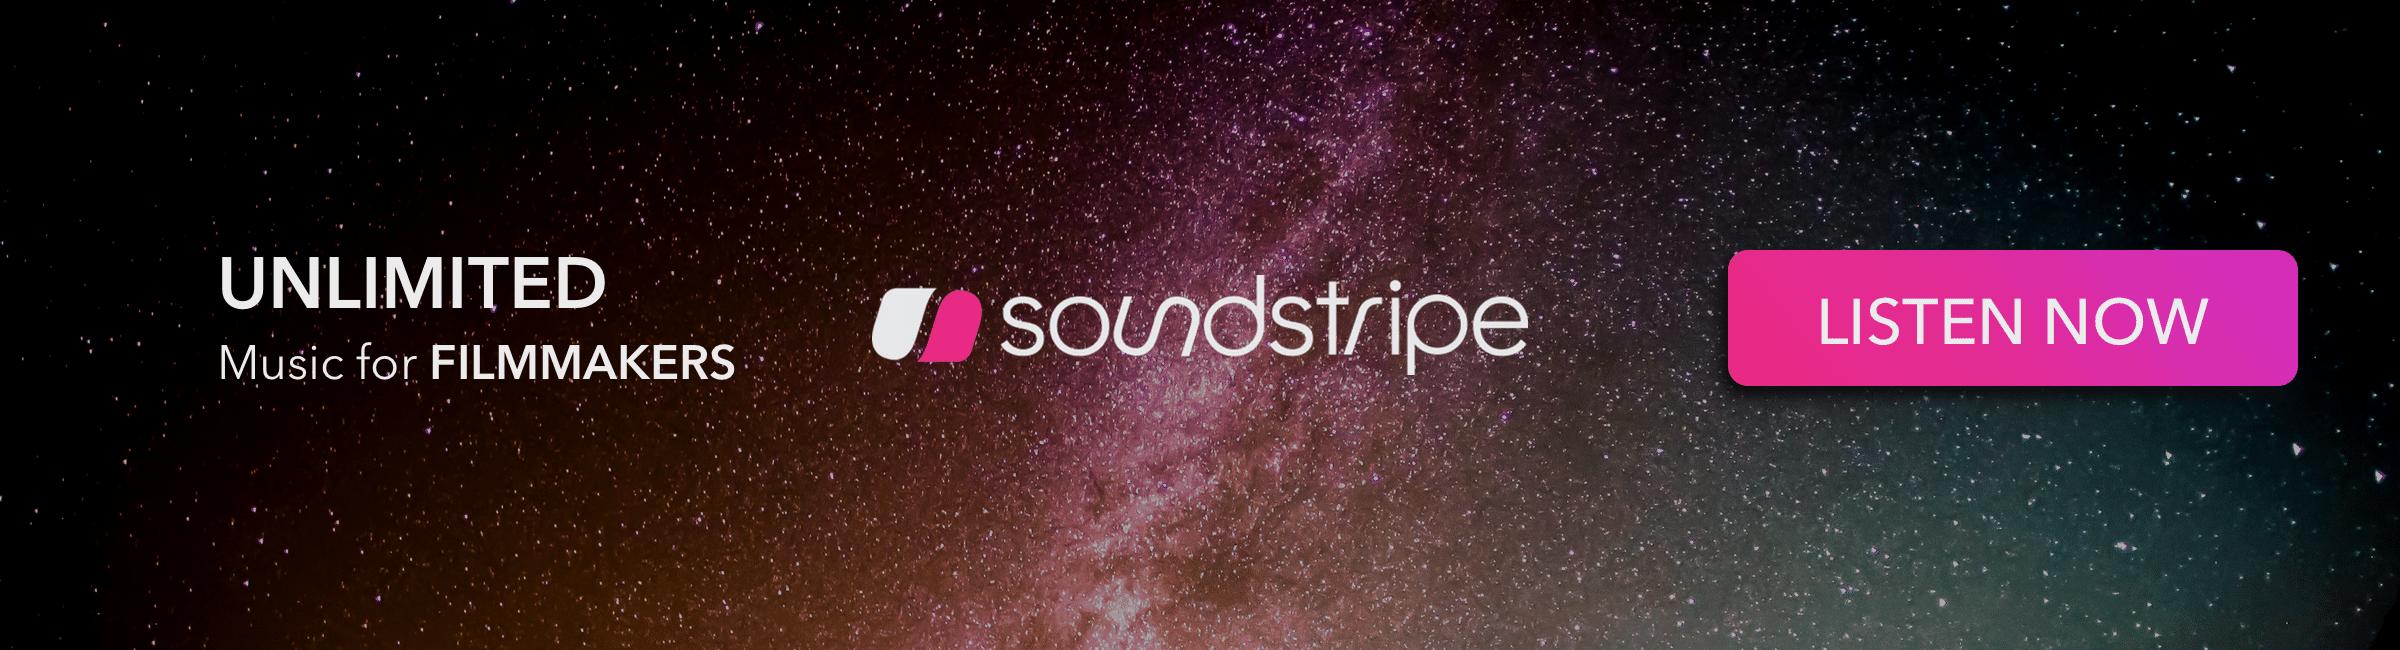 Music for Slideshows 6